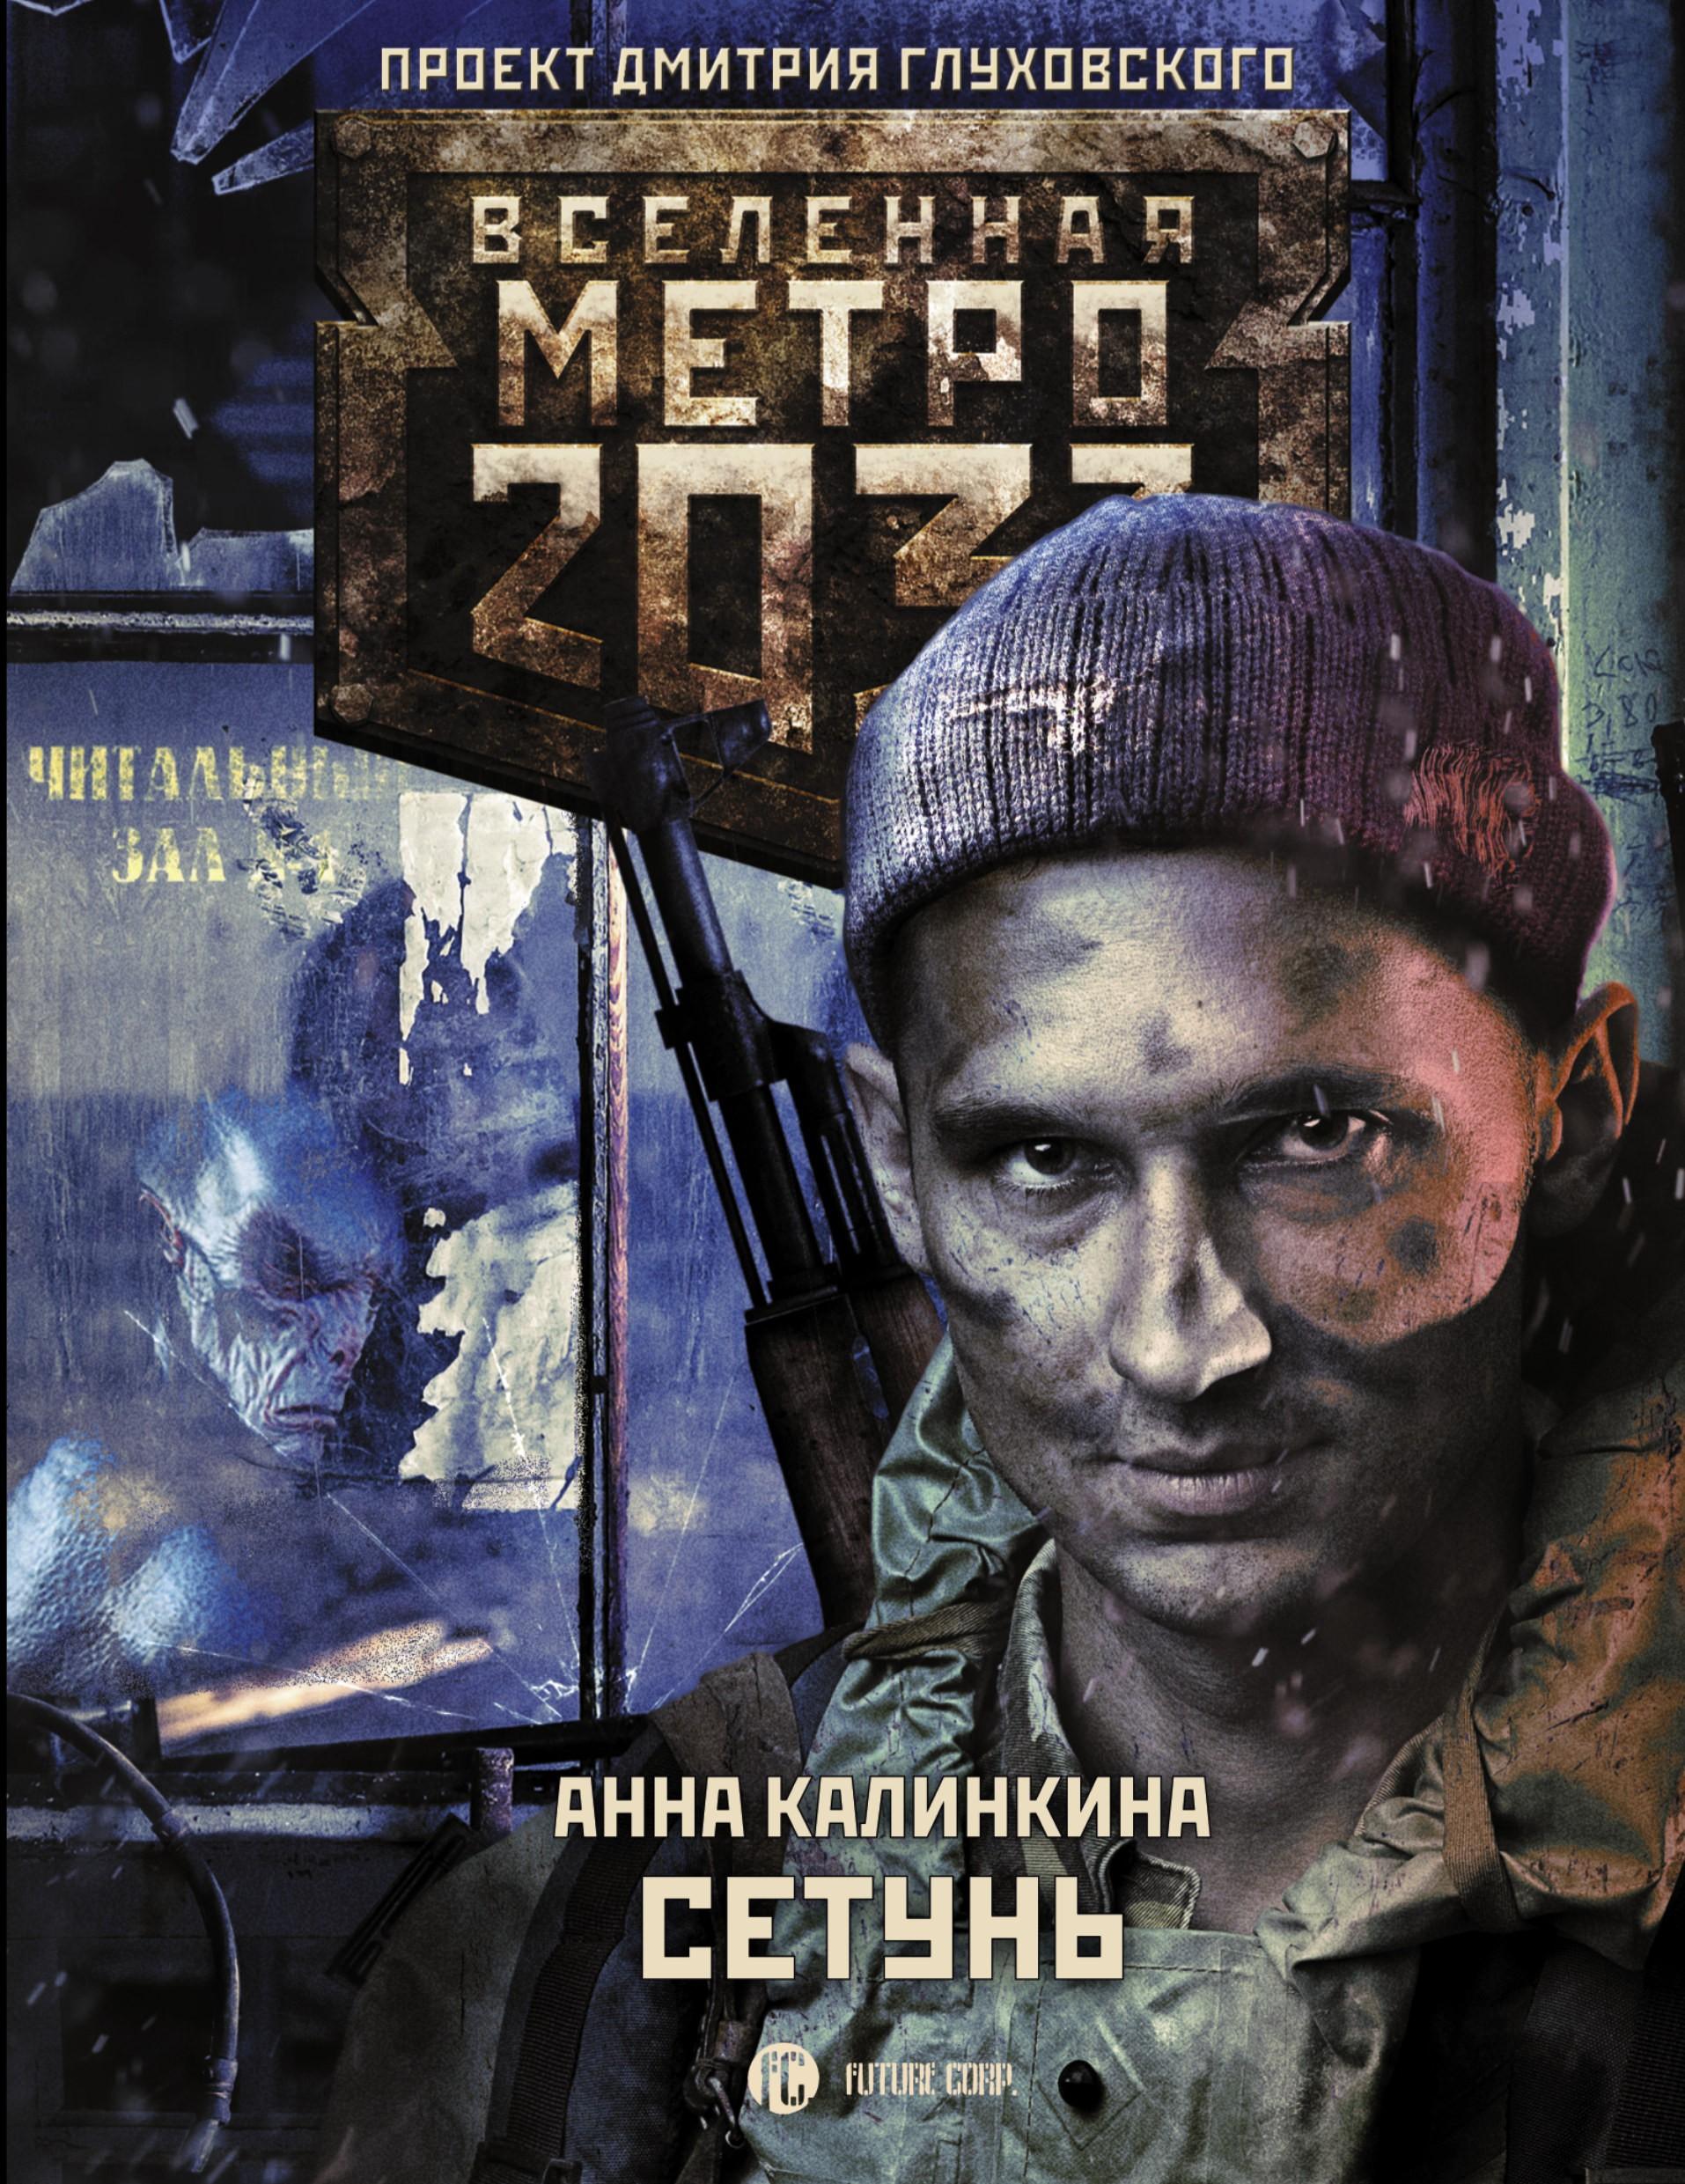 Анна Калинкина - Метро 2033. Сетунь